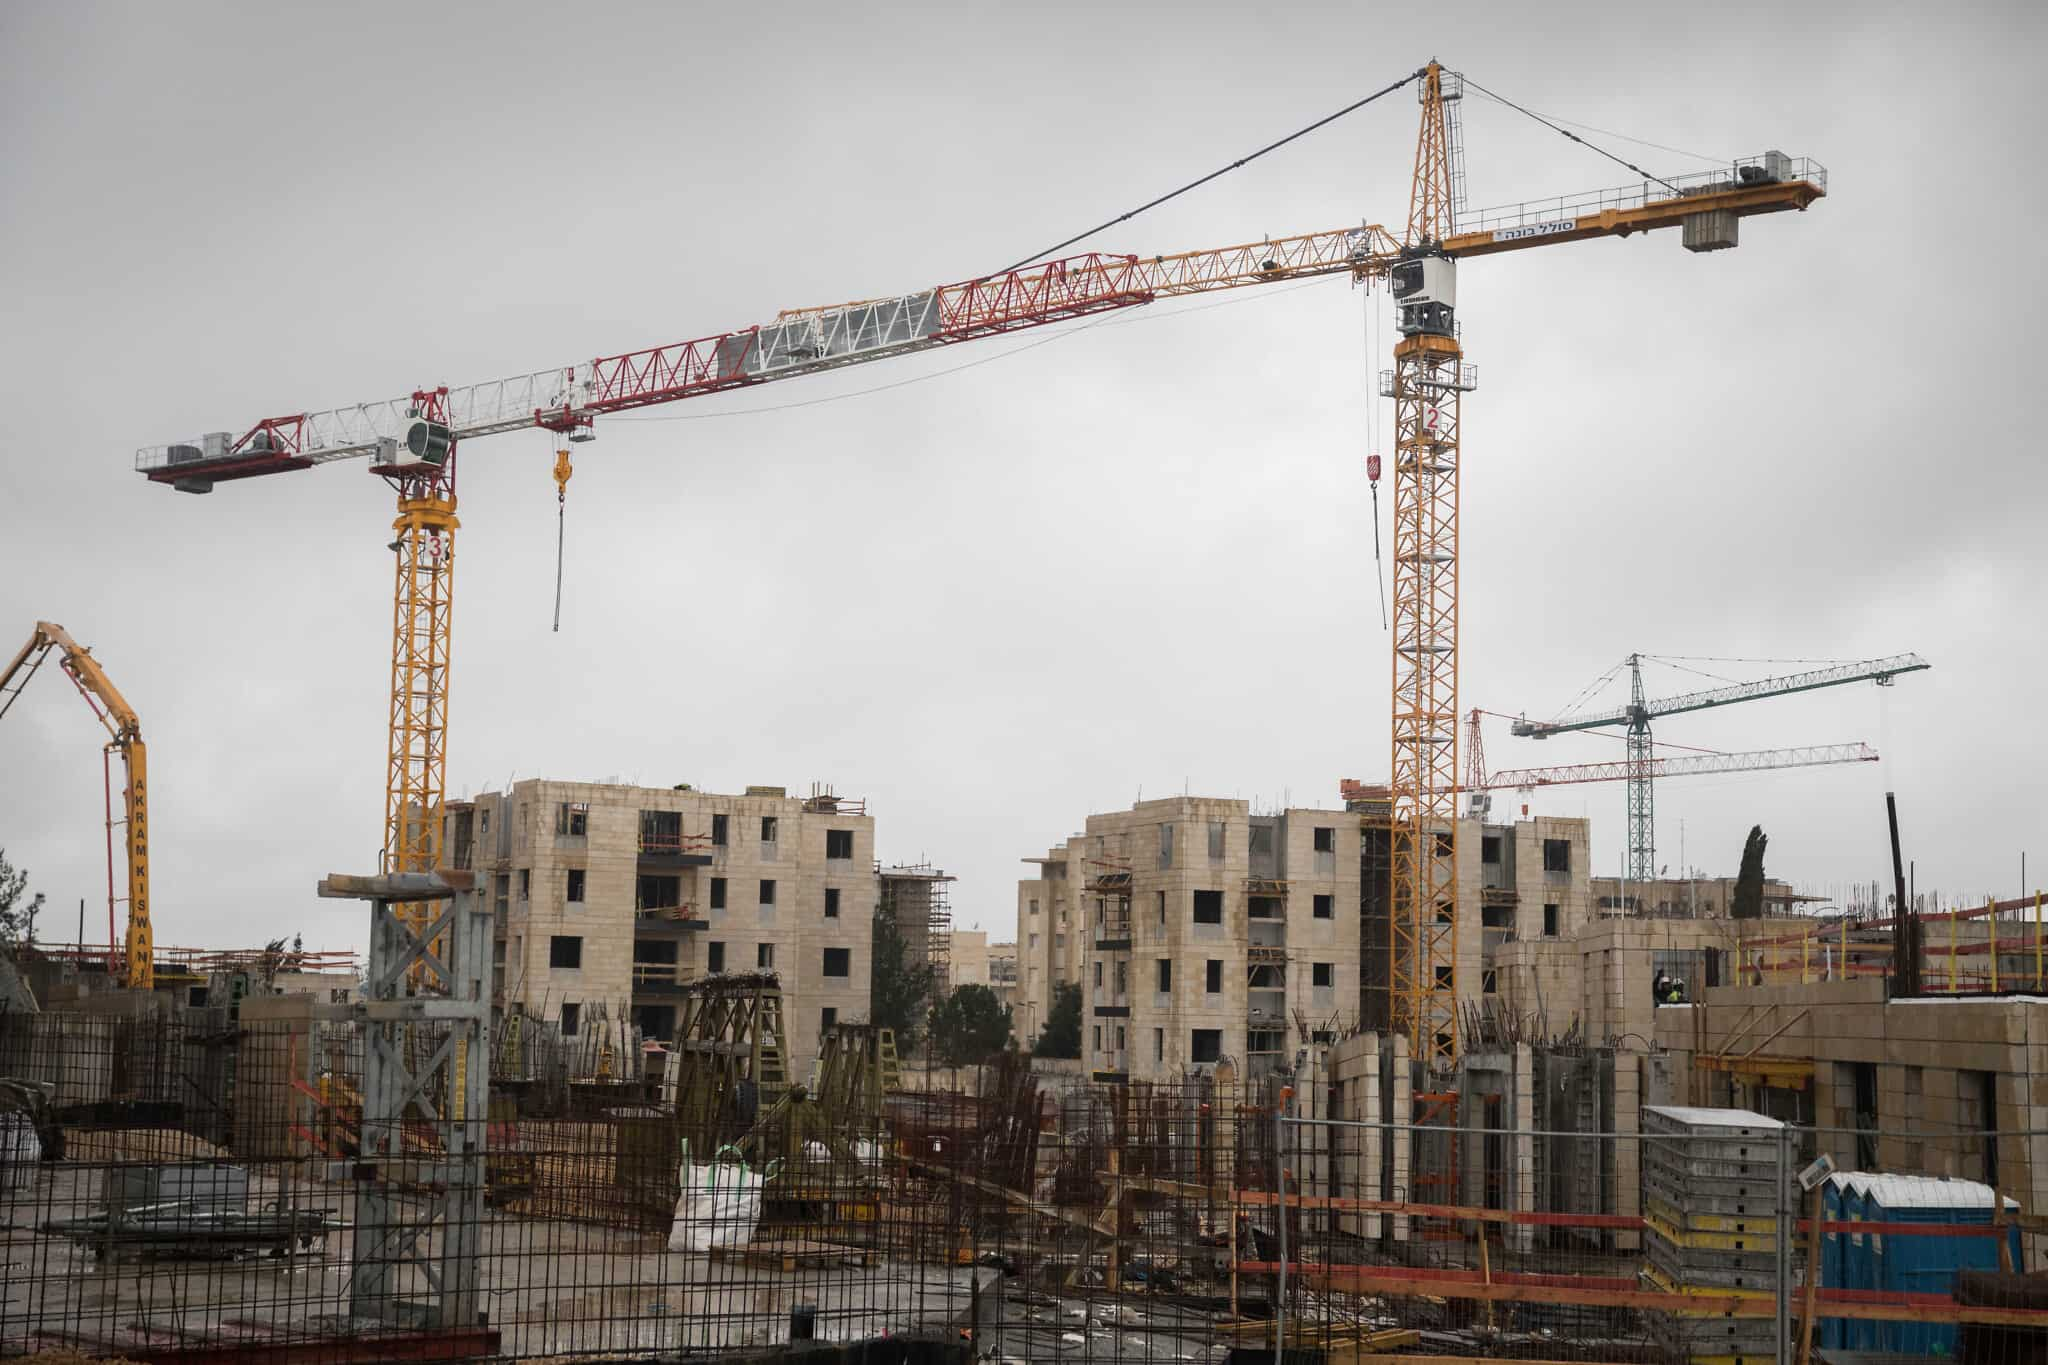 אתר בנייה של פרויקט מחיר למשתכן בשכונת ארמון הנציב בירושלים. ינואר 2019 (צילום: Hadas Parush/ Flash90)